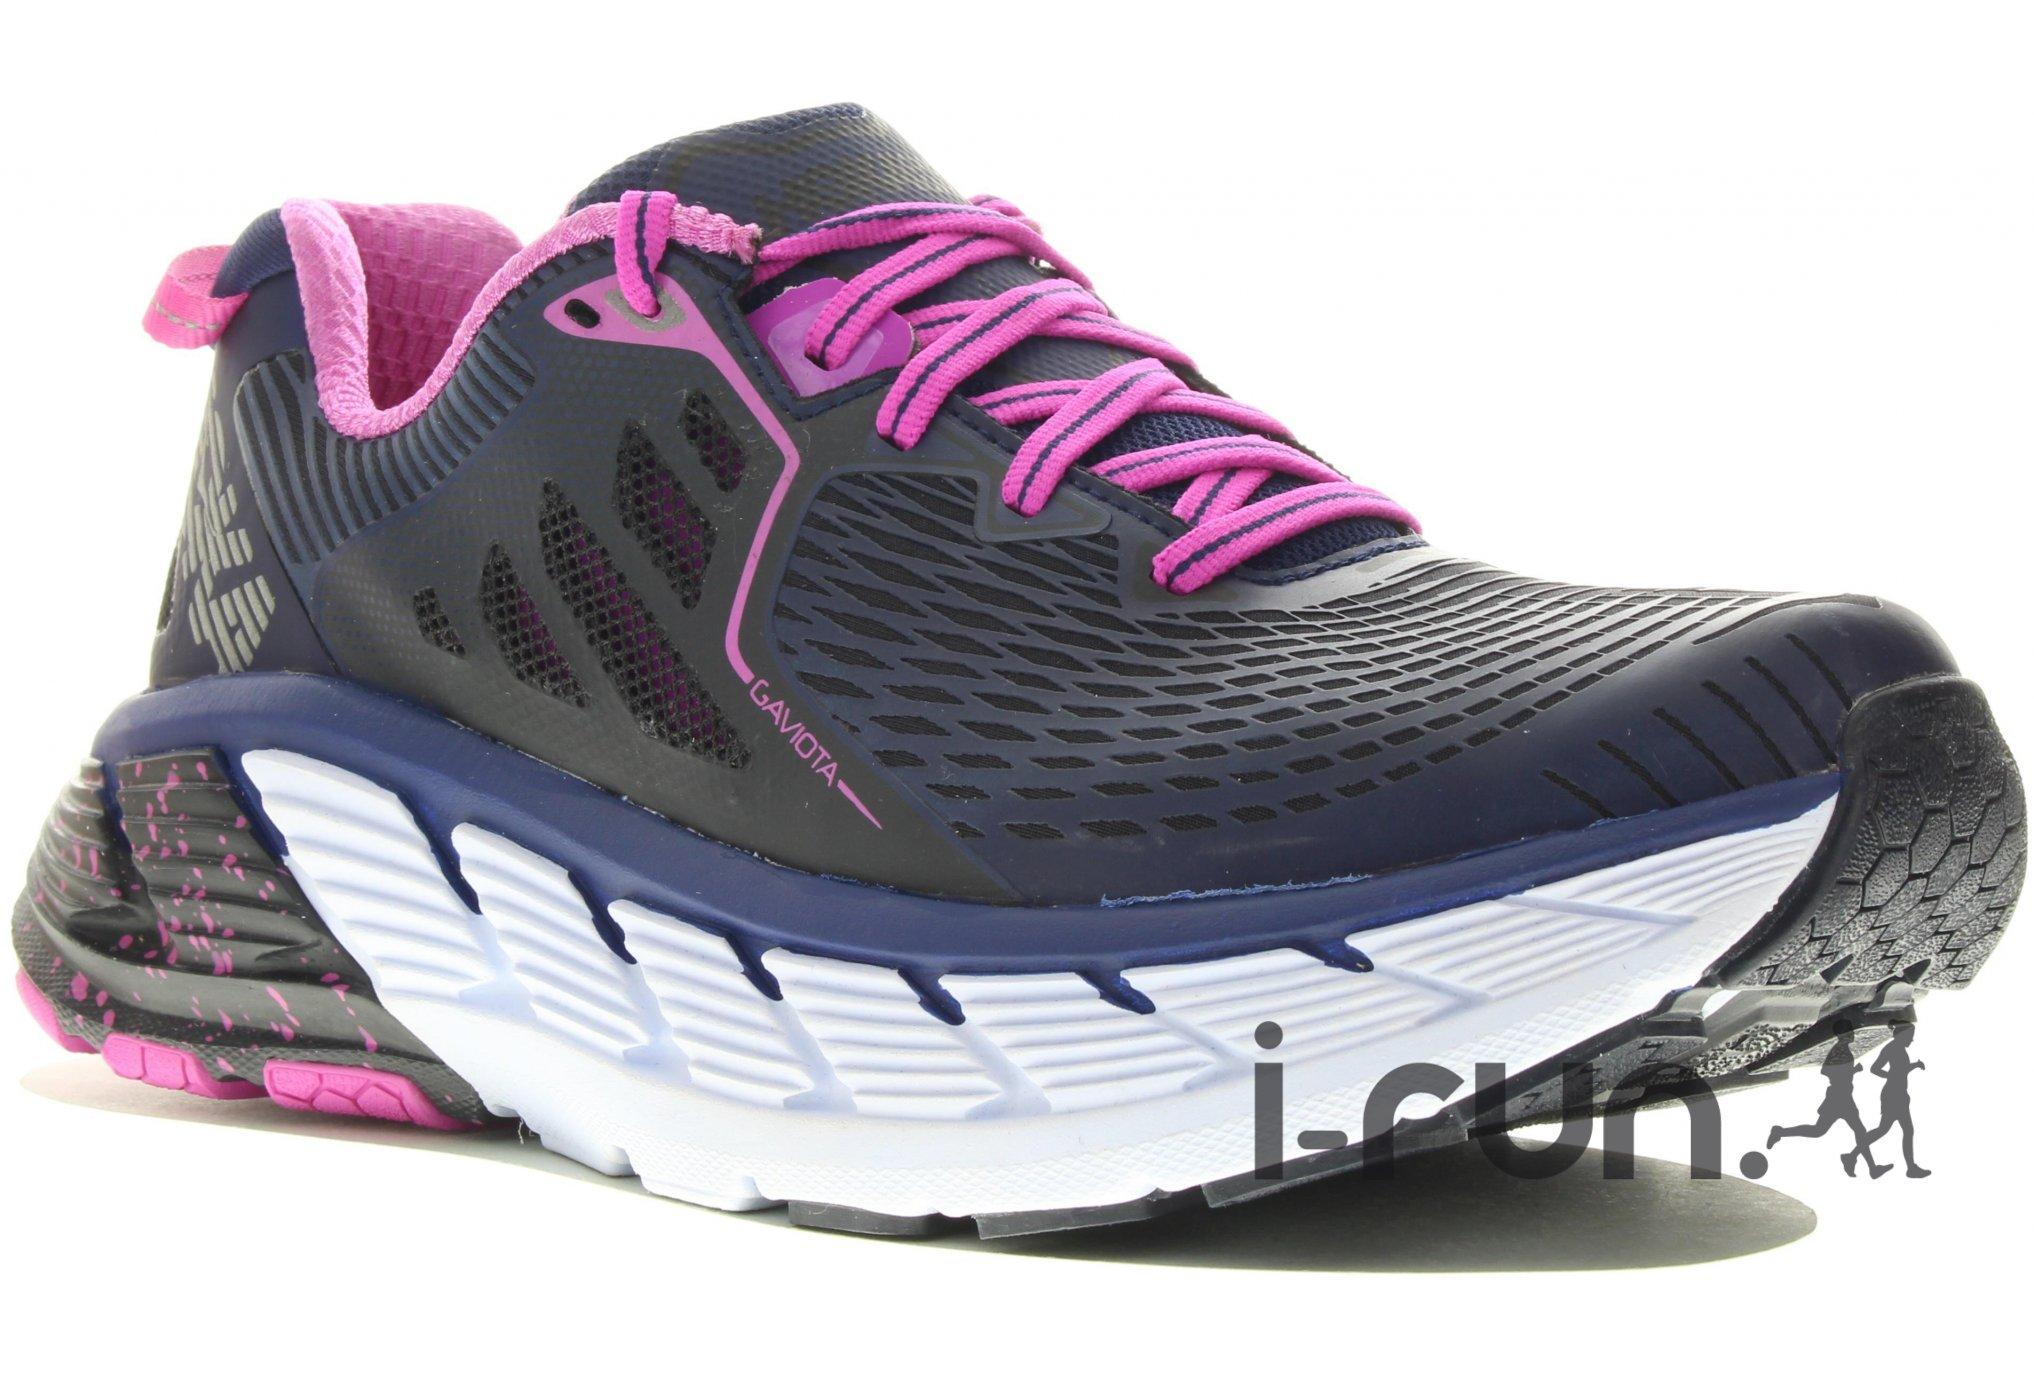 Hoka One One Gaviota W Chaussures running femme